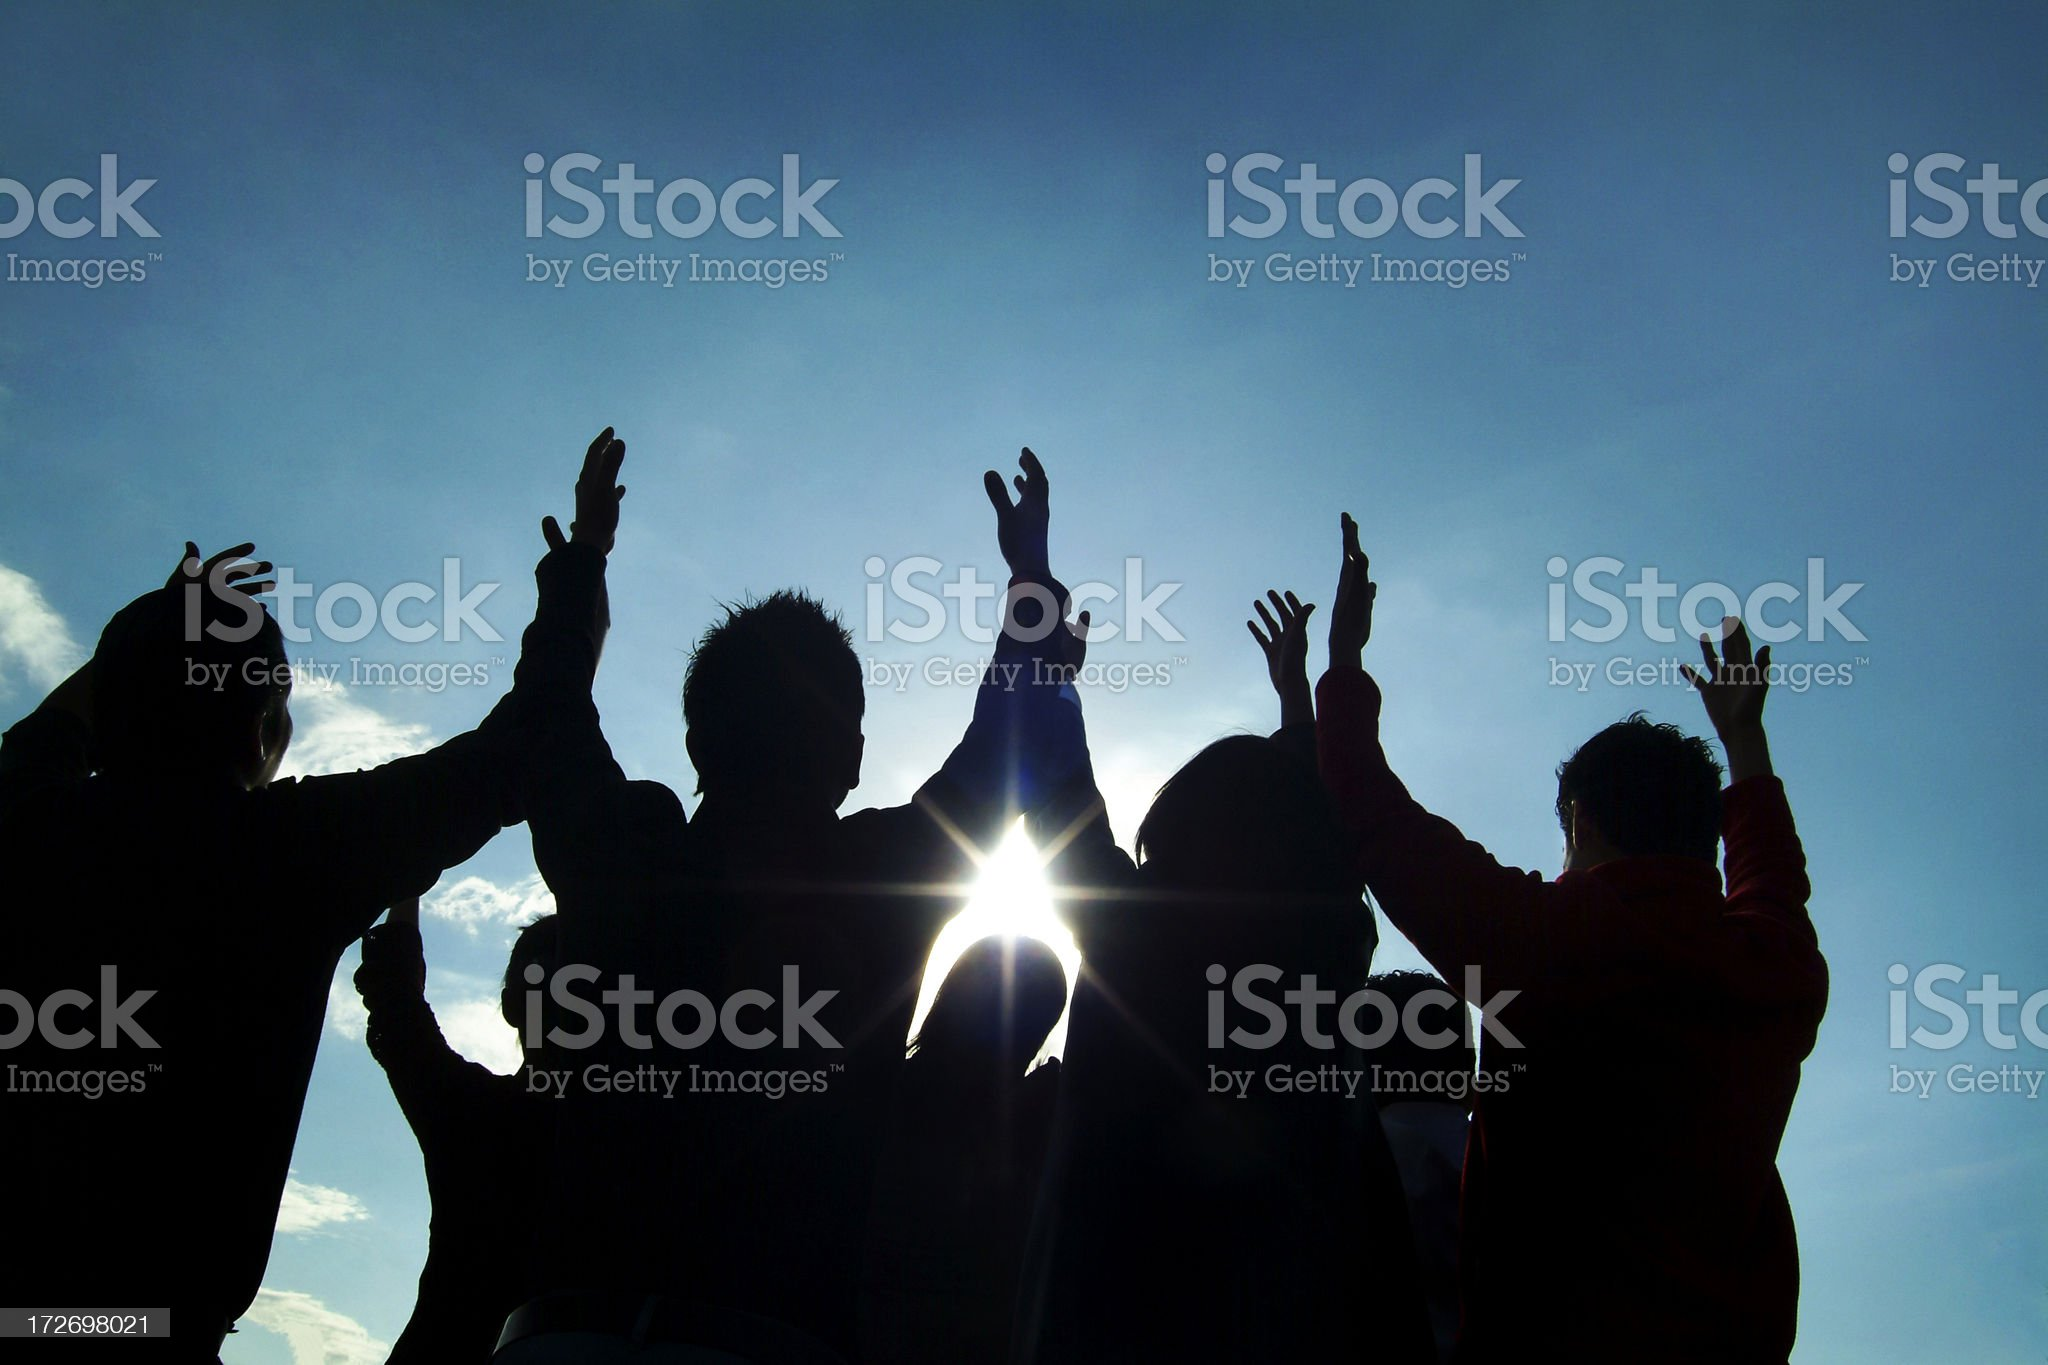 Praise royalty-free stock photo